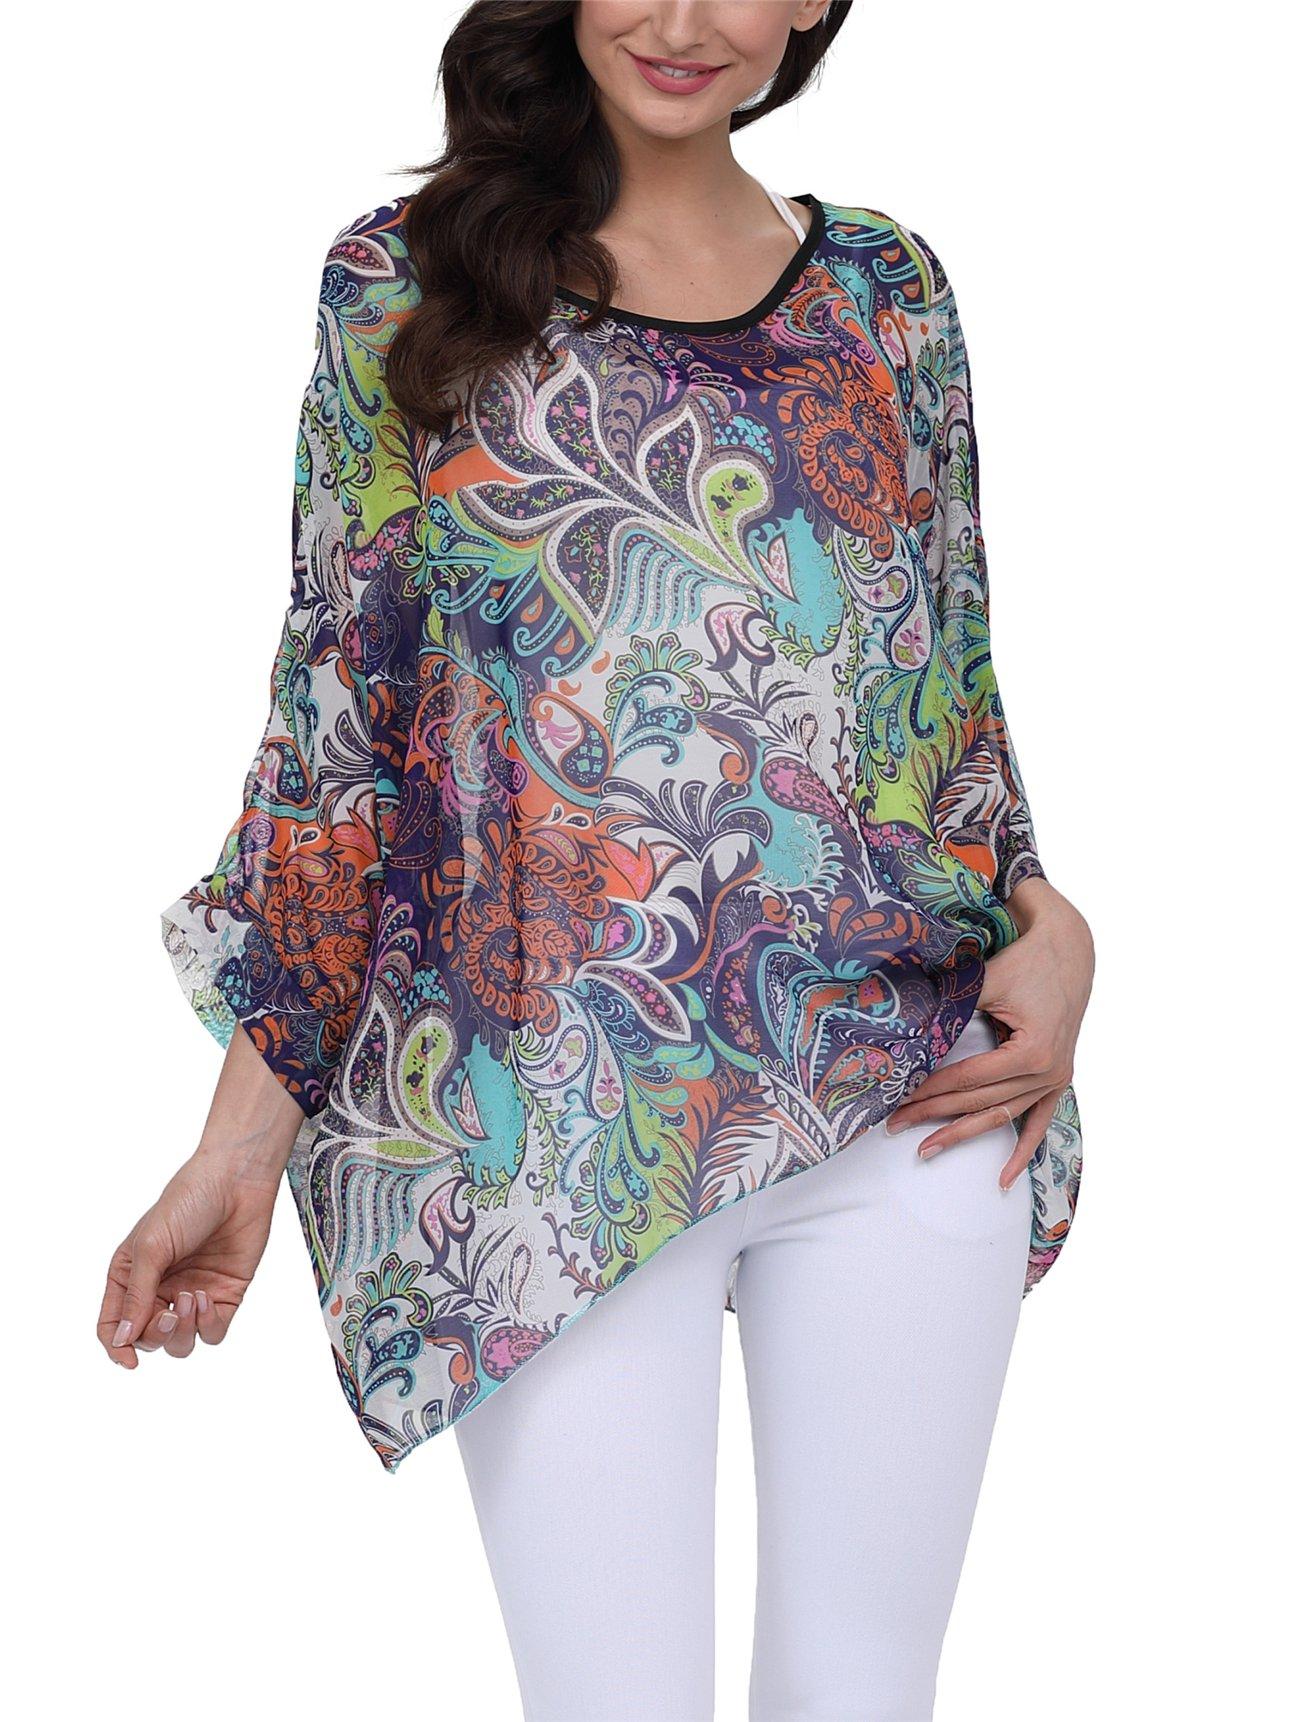 DearQ Women Batwing Chiffon Shirt Bohemian Floral Semi Sheer Loose Blouse Tunic Tops 4284